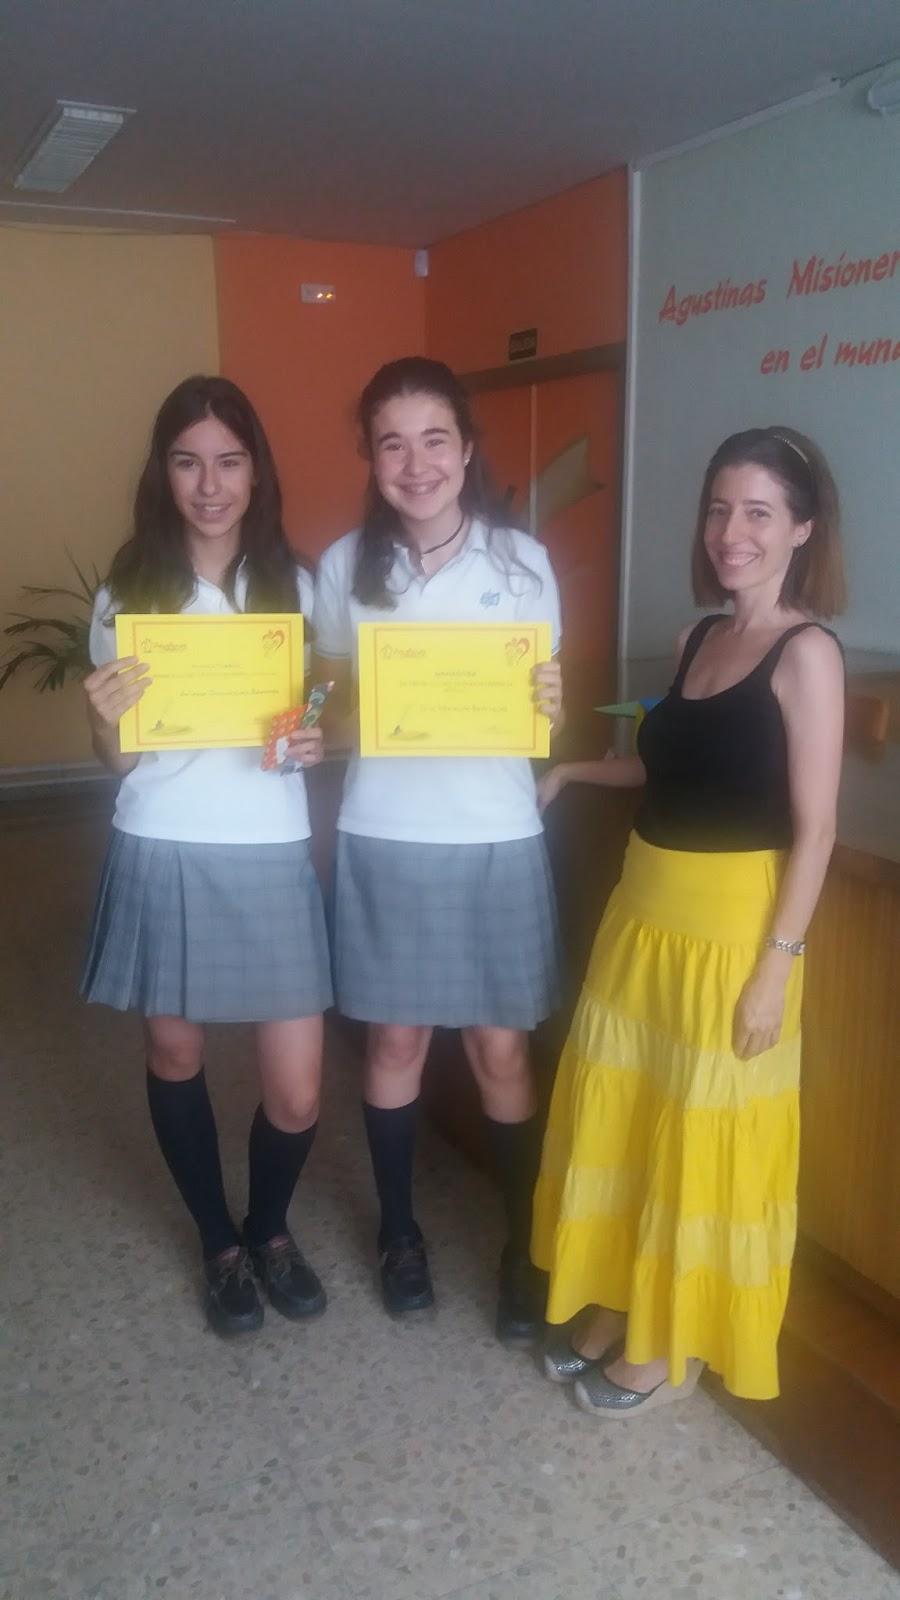 Agustinas Valladolid - 2017 - ESO - Concurso Escritura Rápida